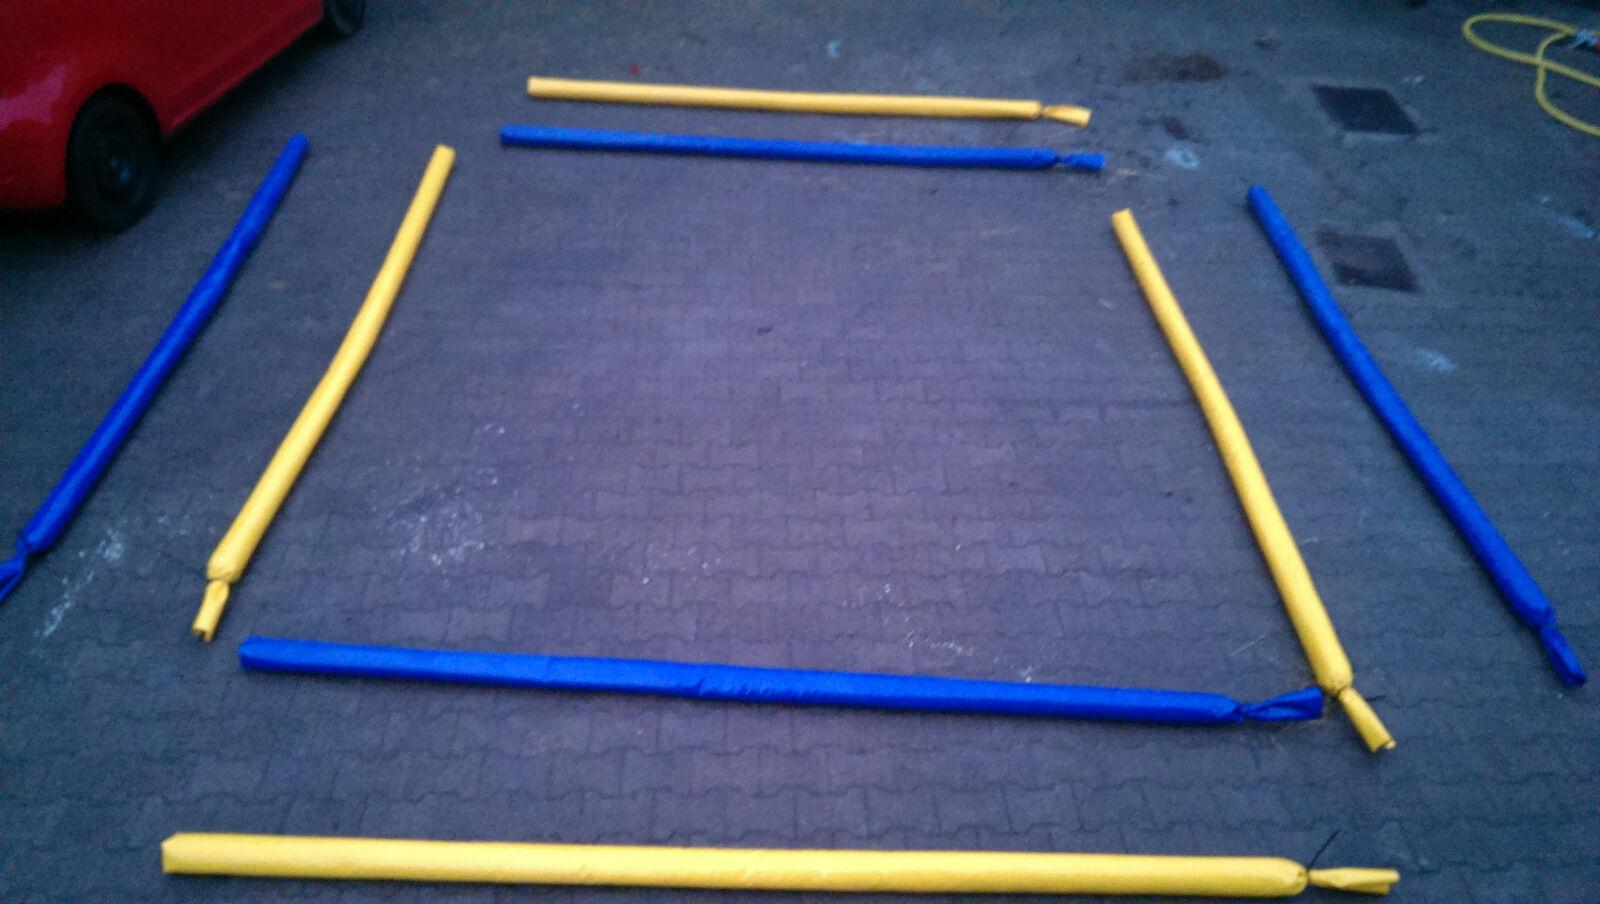 4 Bodenarbeit Stangen 2 Blau 3,2m 2 Gelb 3,2m Blau Gefüllt Trabstangen dual aktivierung 65694f